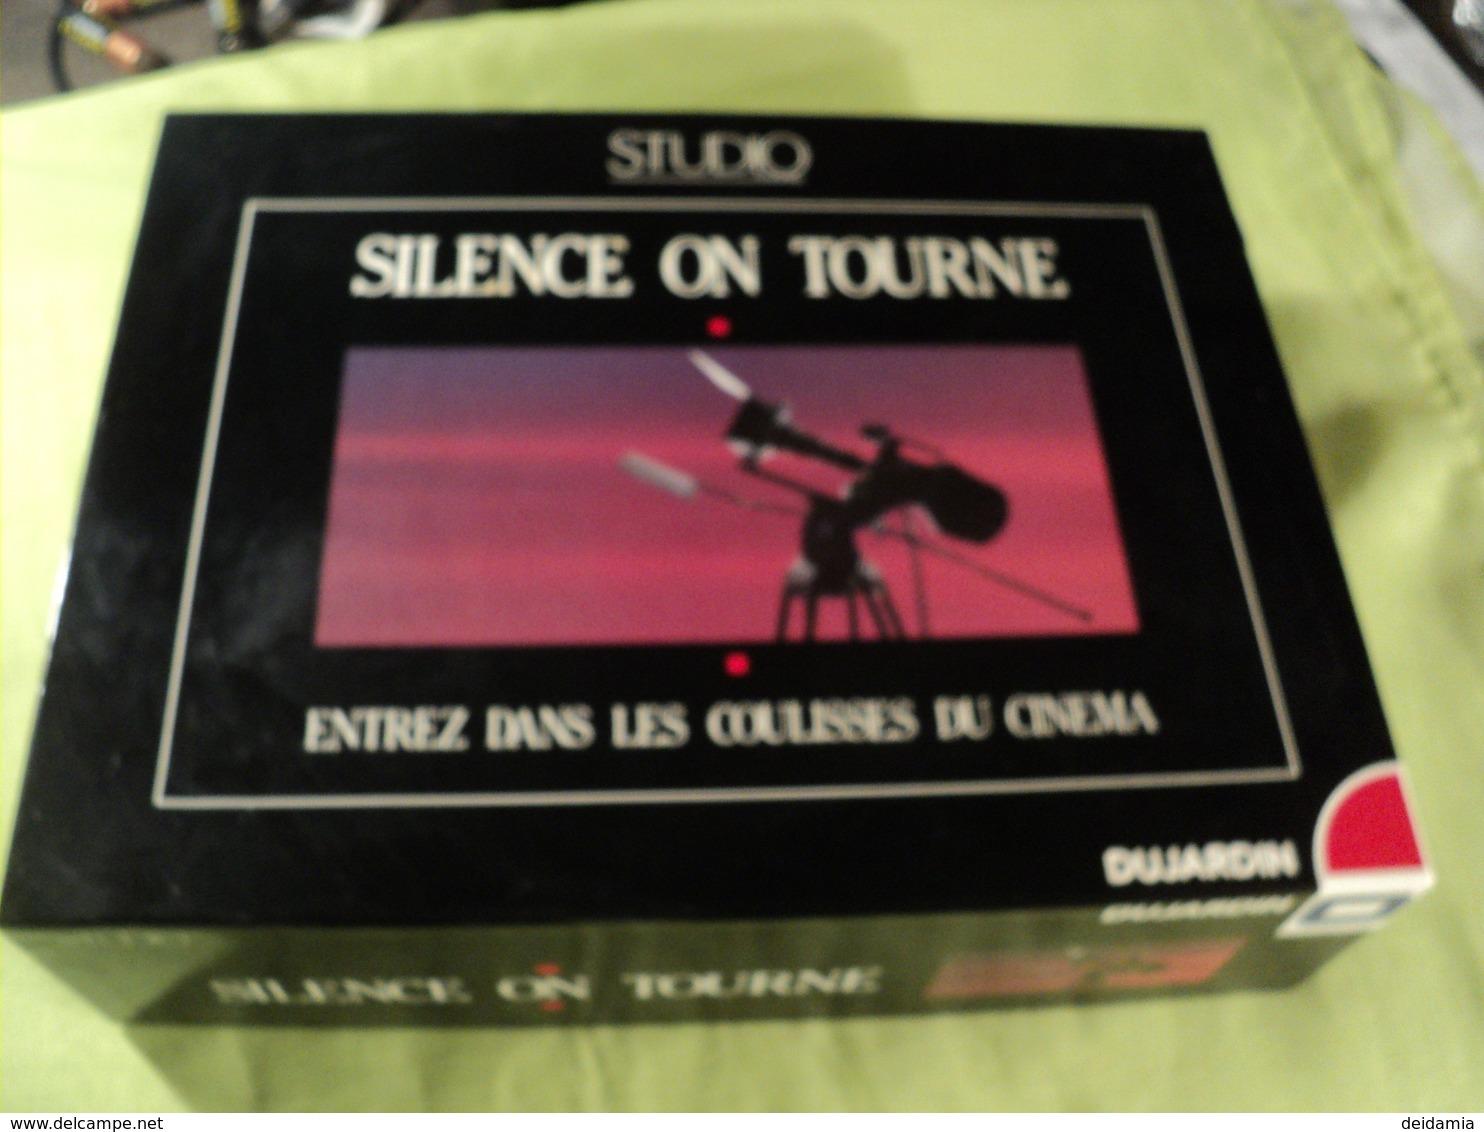 JEU DE SOCIETE SILENCE ON TOURNE. ANNEES 80 / 90. DUJARDIN / STUDIO POUR 2 JOUEURS ET PLUS A PARTIR DE 12 ANS. - Jeux De Société